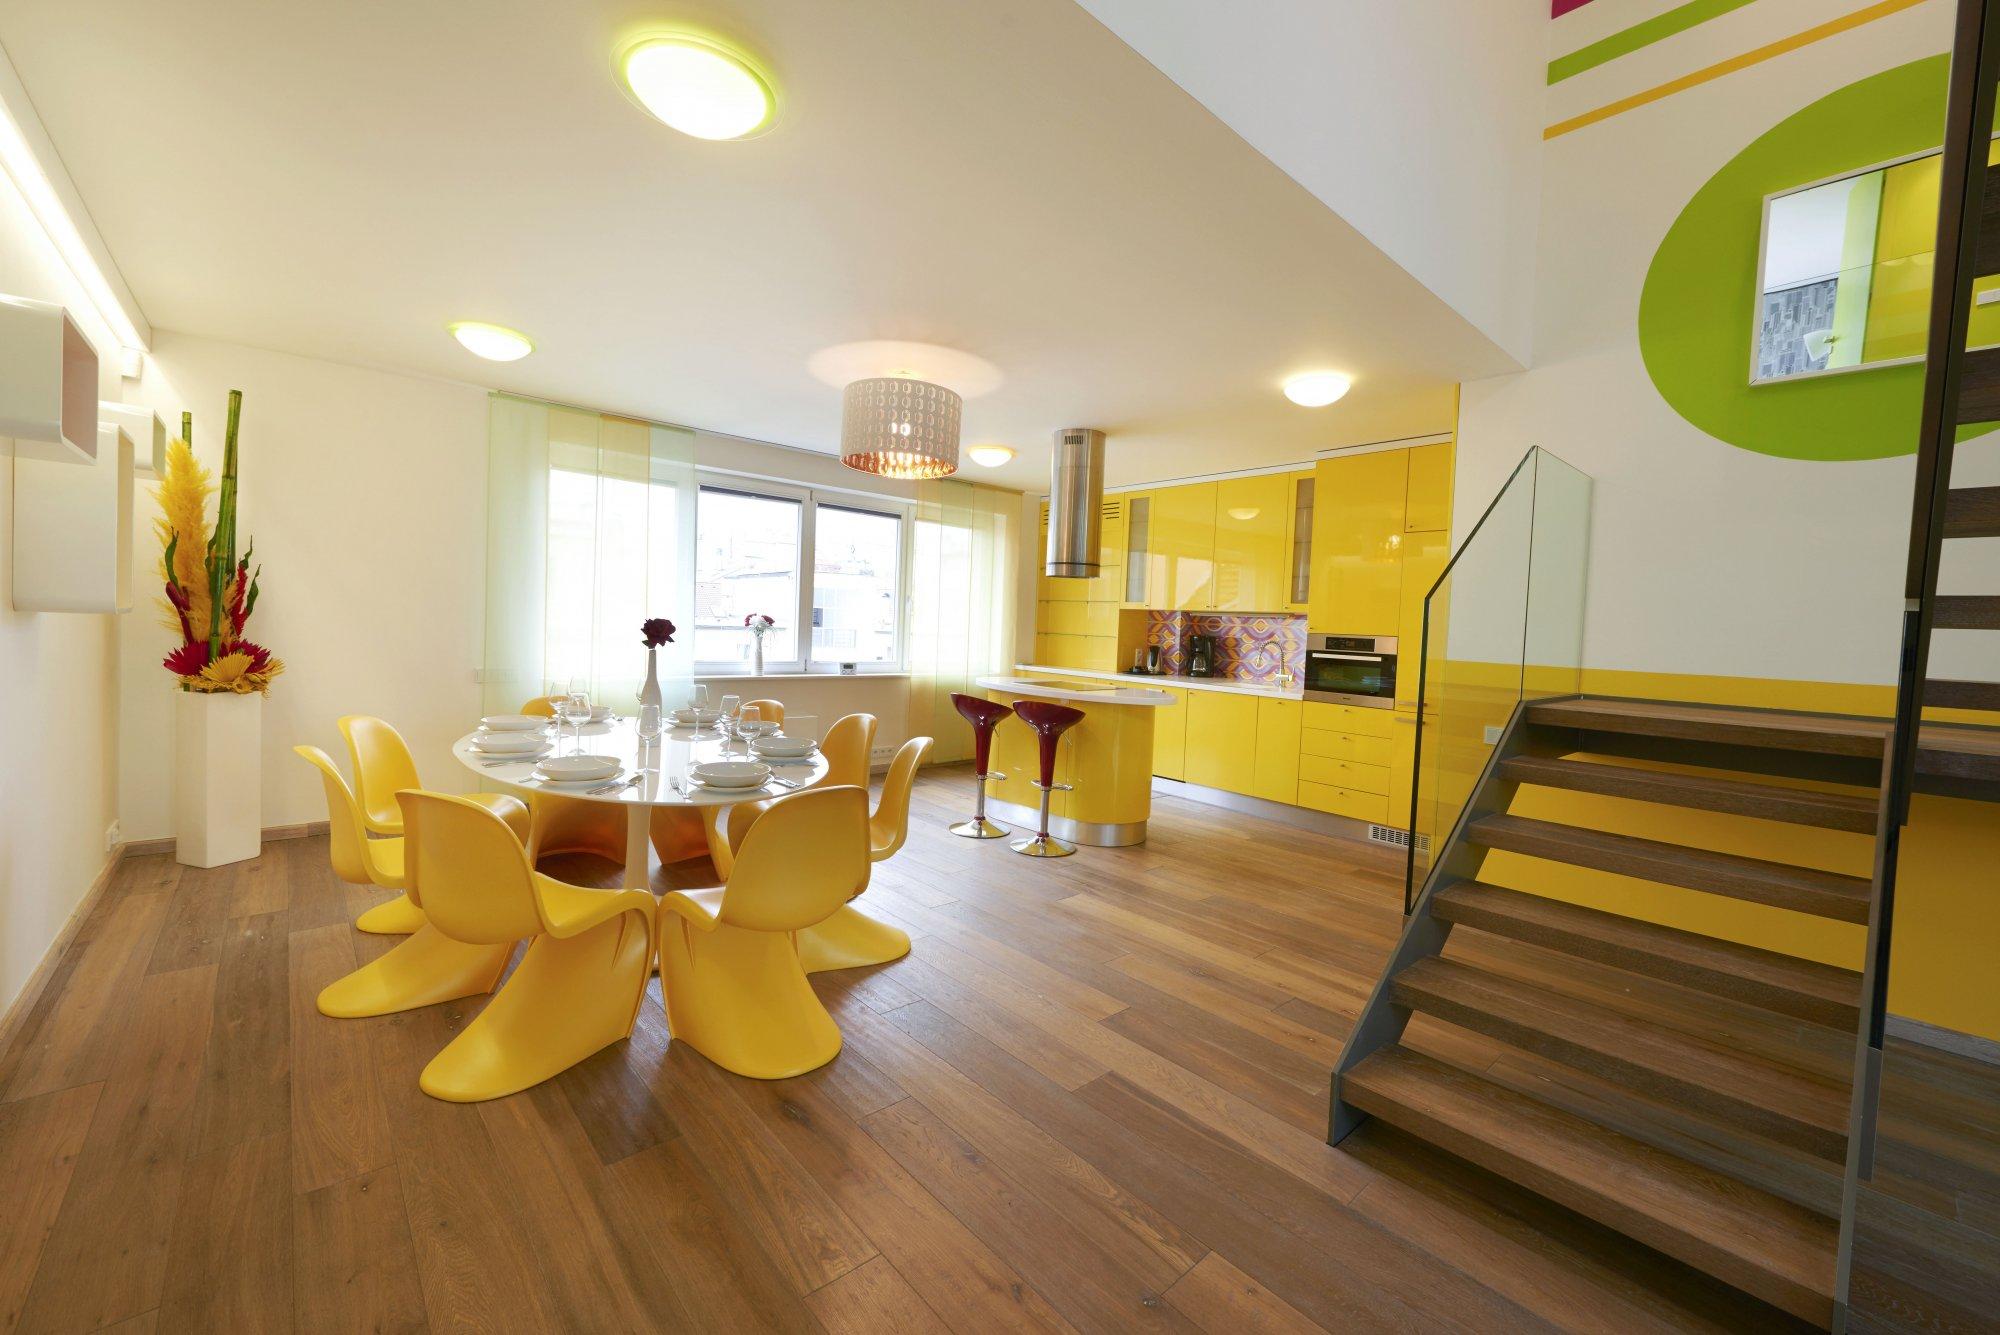 Půdní byt 3+kk, plocha 178 m², ulice Navrátilova, Praha 1 - Nové Město | 2